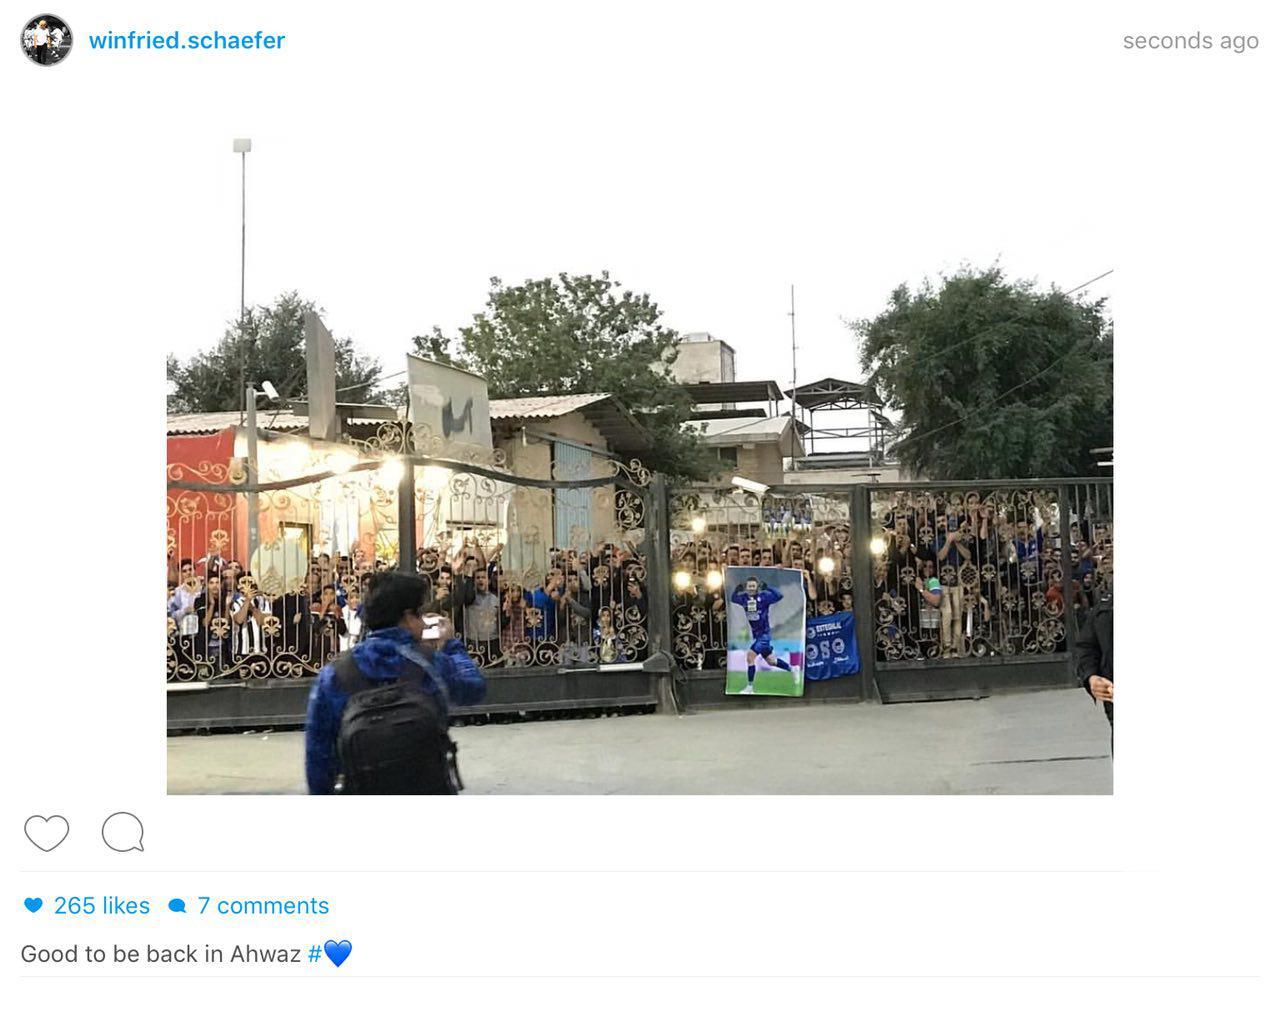 """عکس ؛ خوشحالی سرمربی """" استقلال """" از استقبال هواداران در اهواز"""